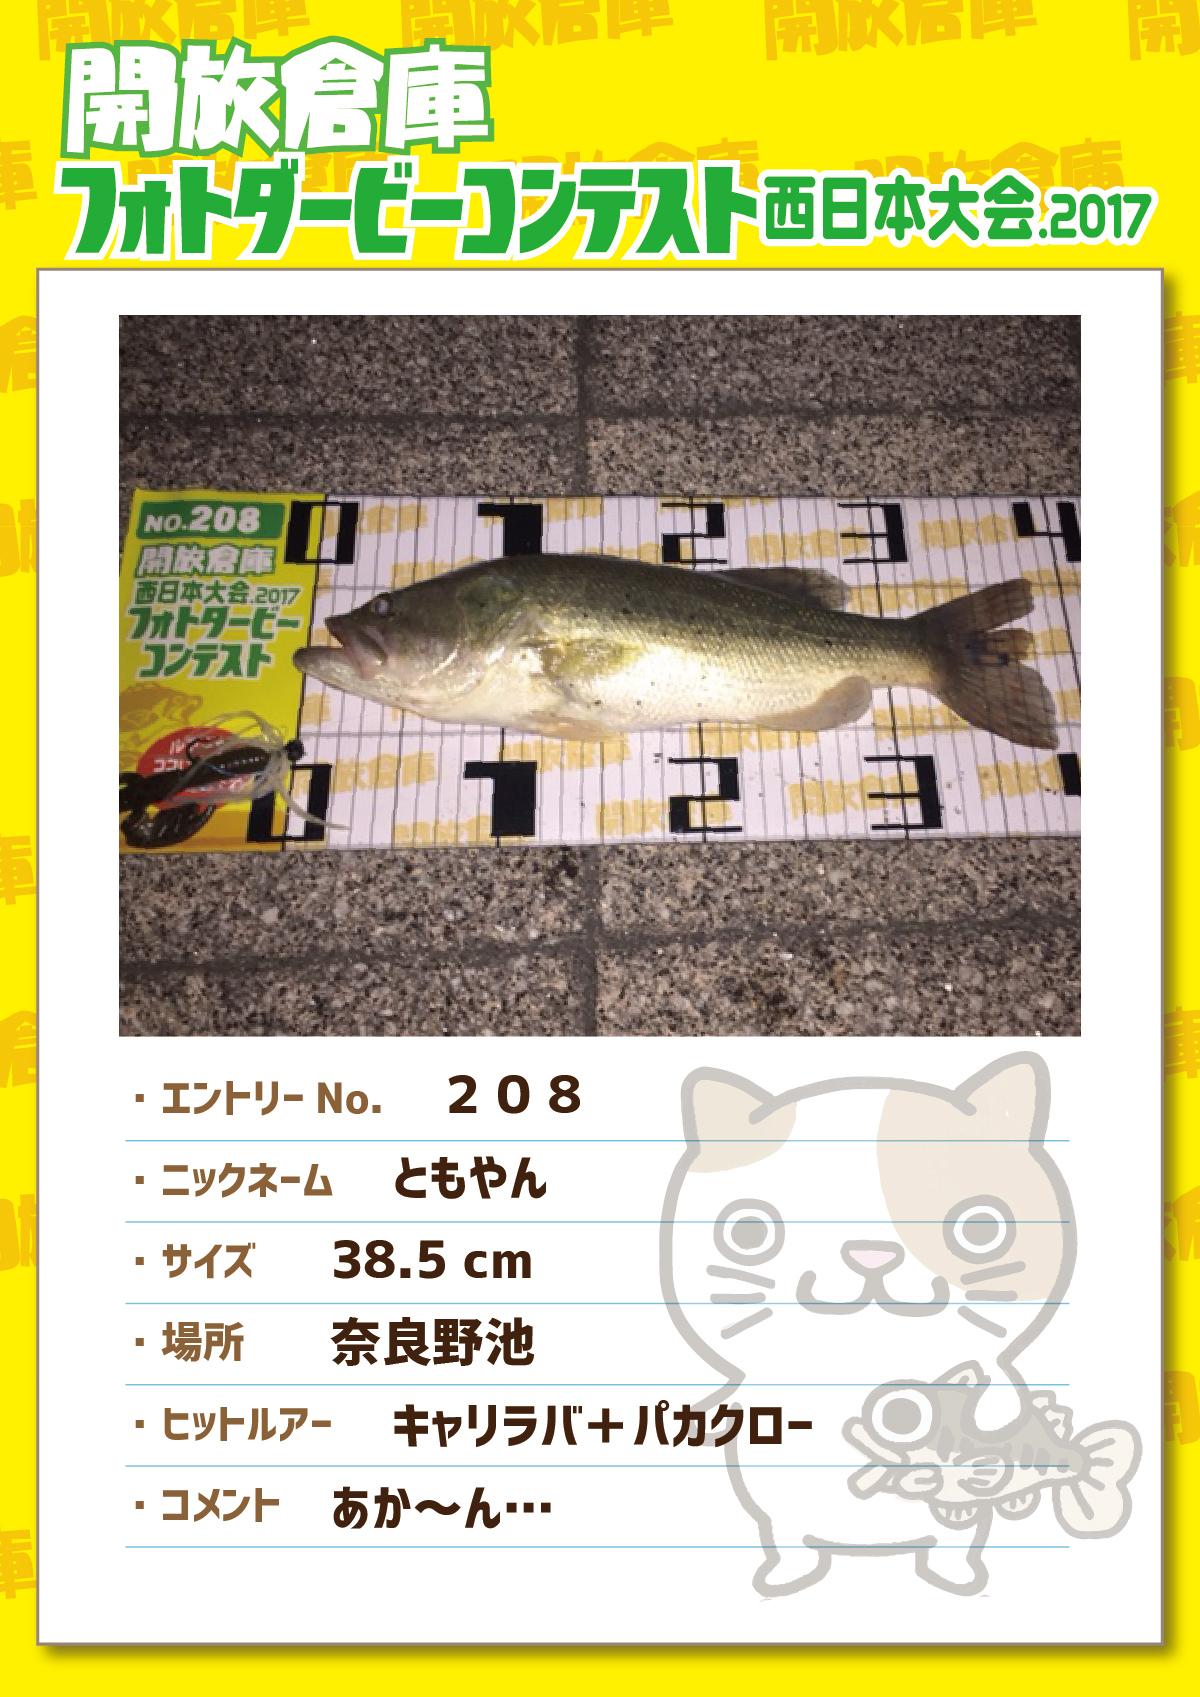 No.208 ともやん 38.5cm 奈良野池 キャリラバ+パカクロー あか~ん・・・